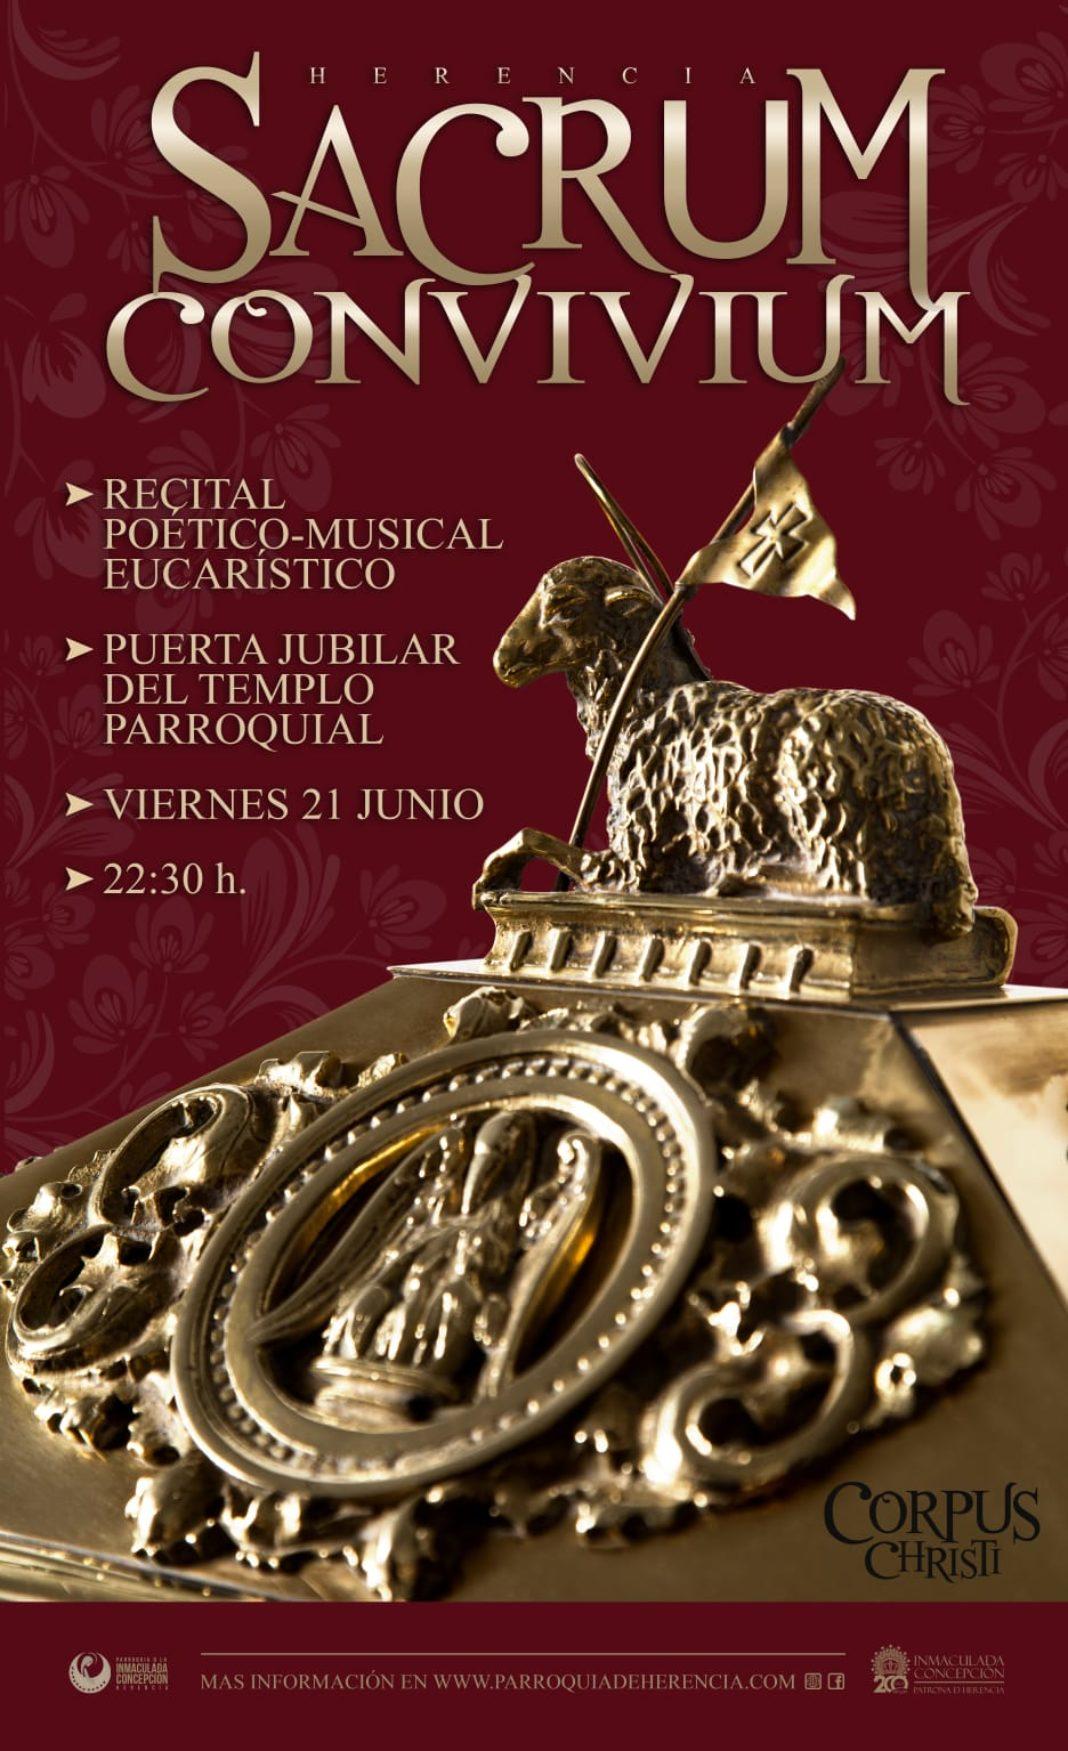 La parroquia organiza un recital poético-musical eucarístico 4